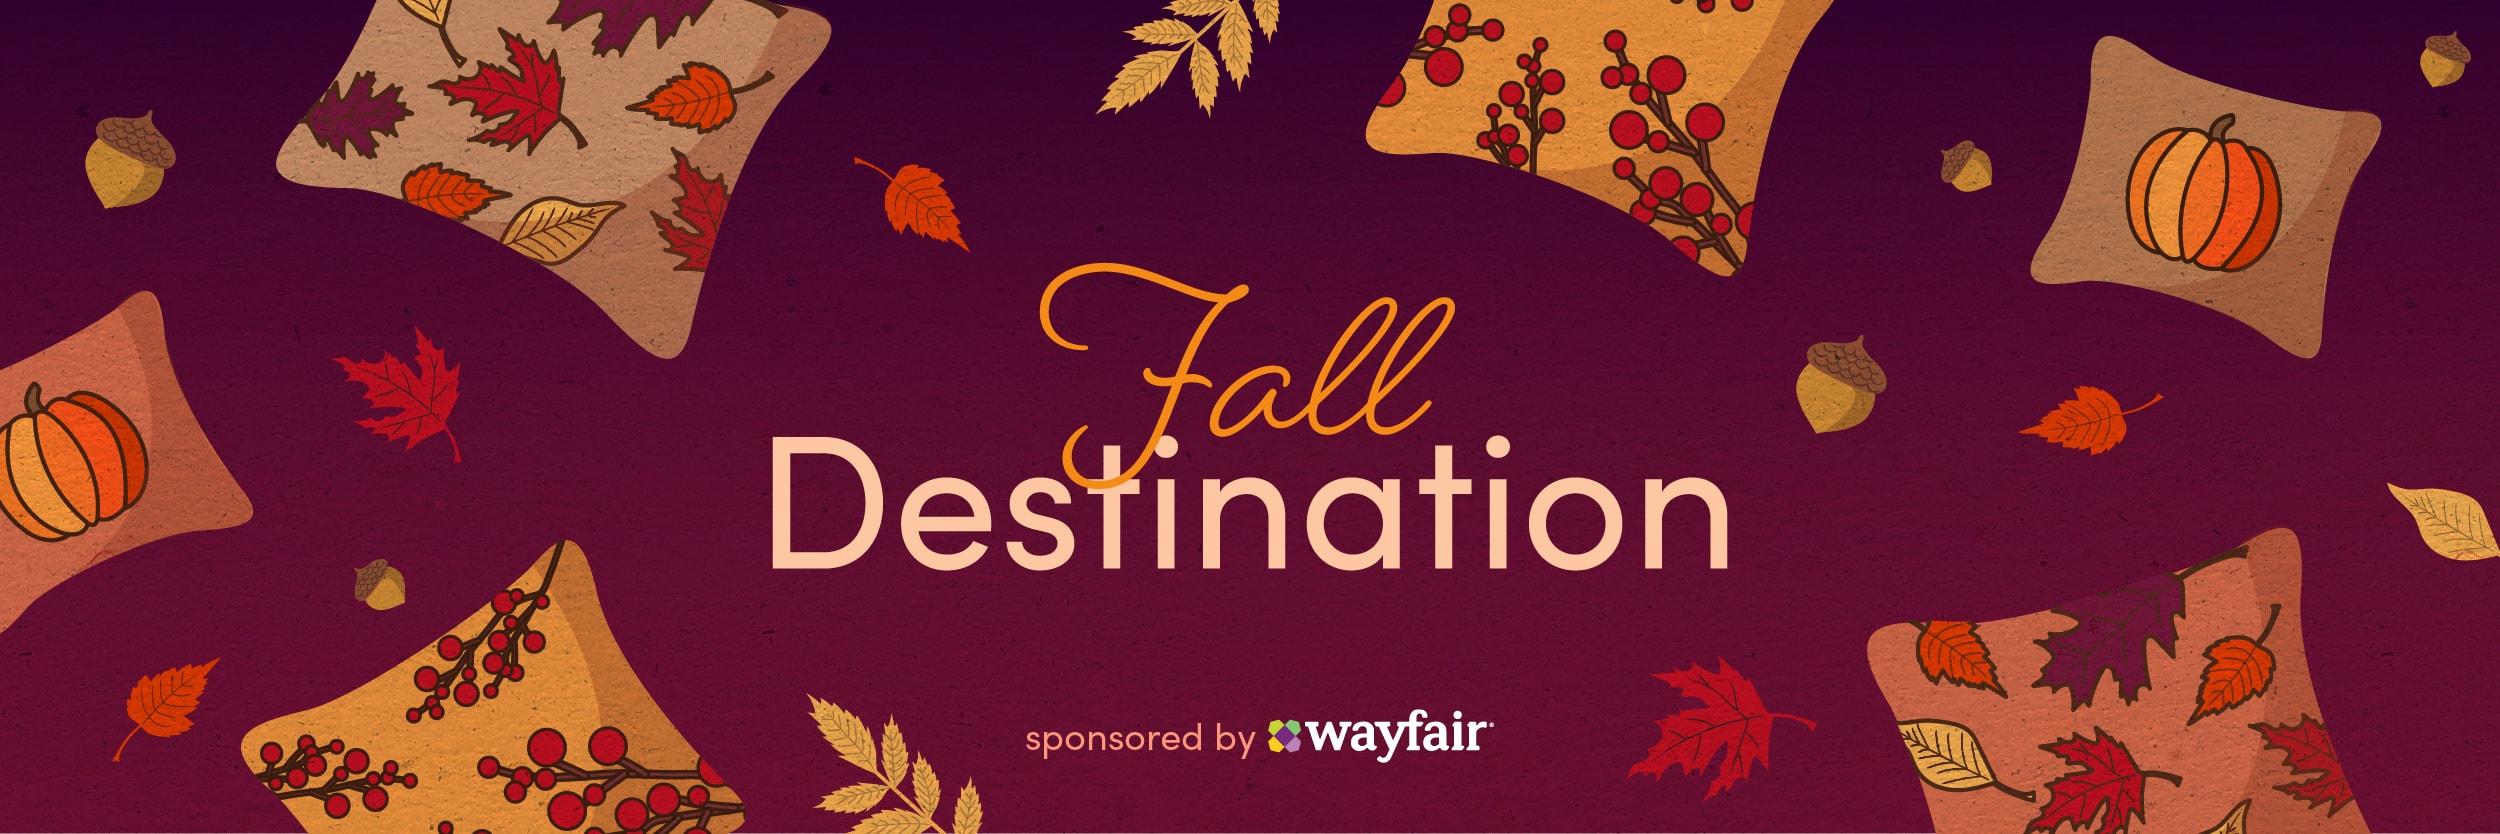 Fall Destination sponsored by wayfair text